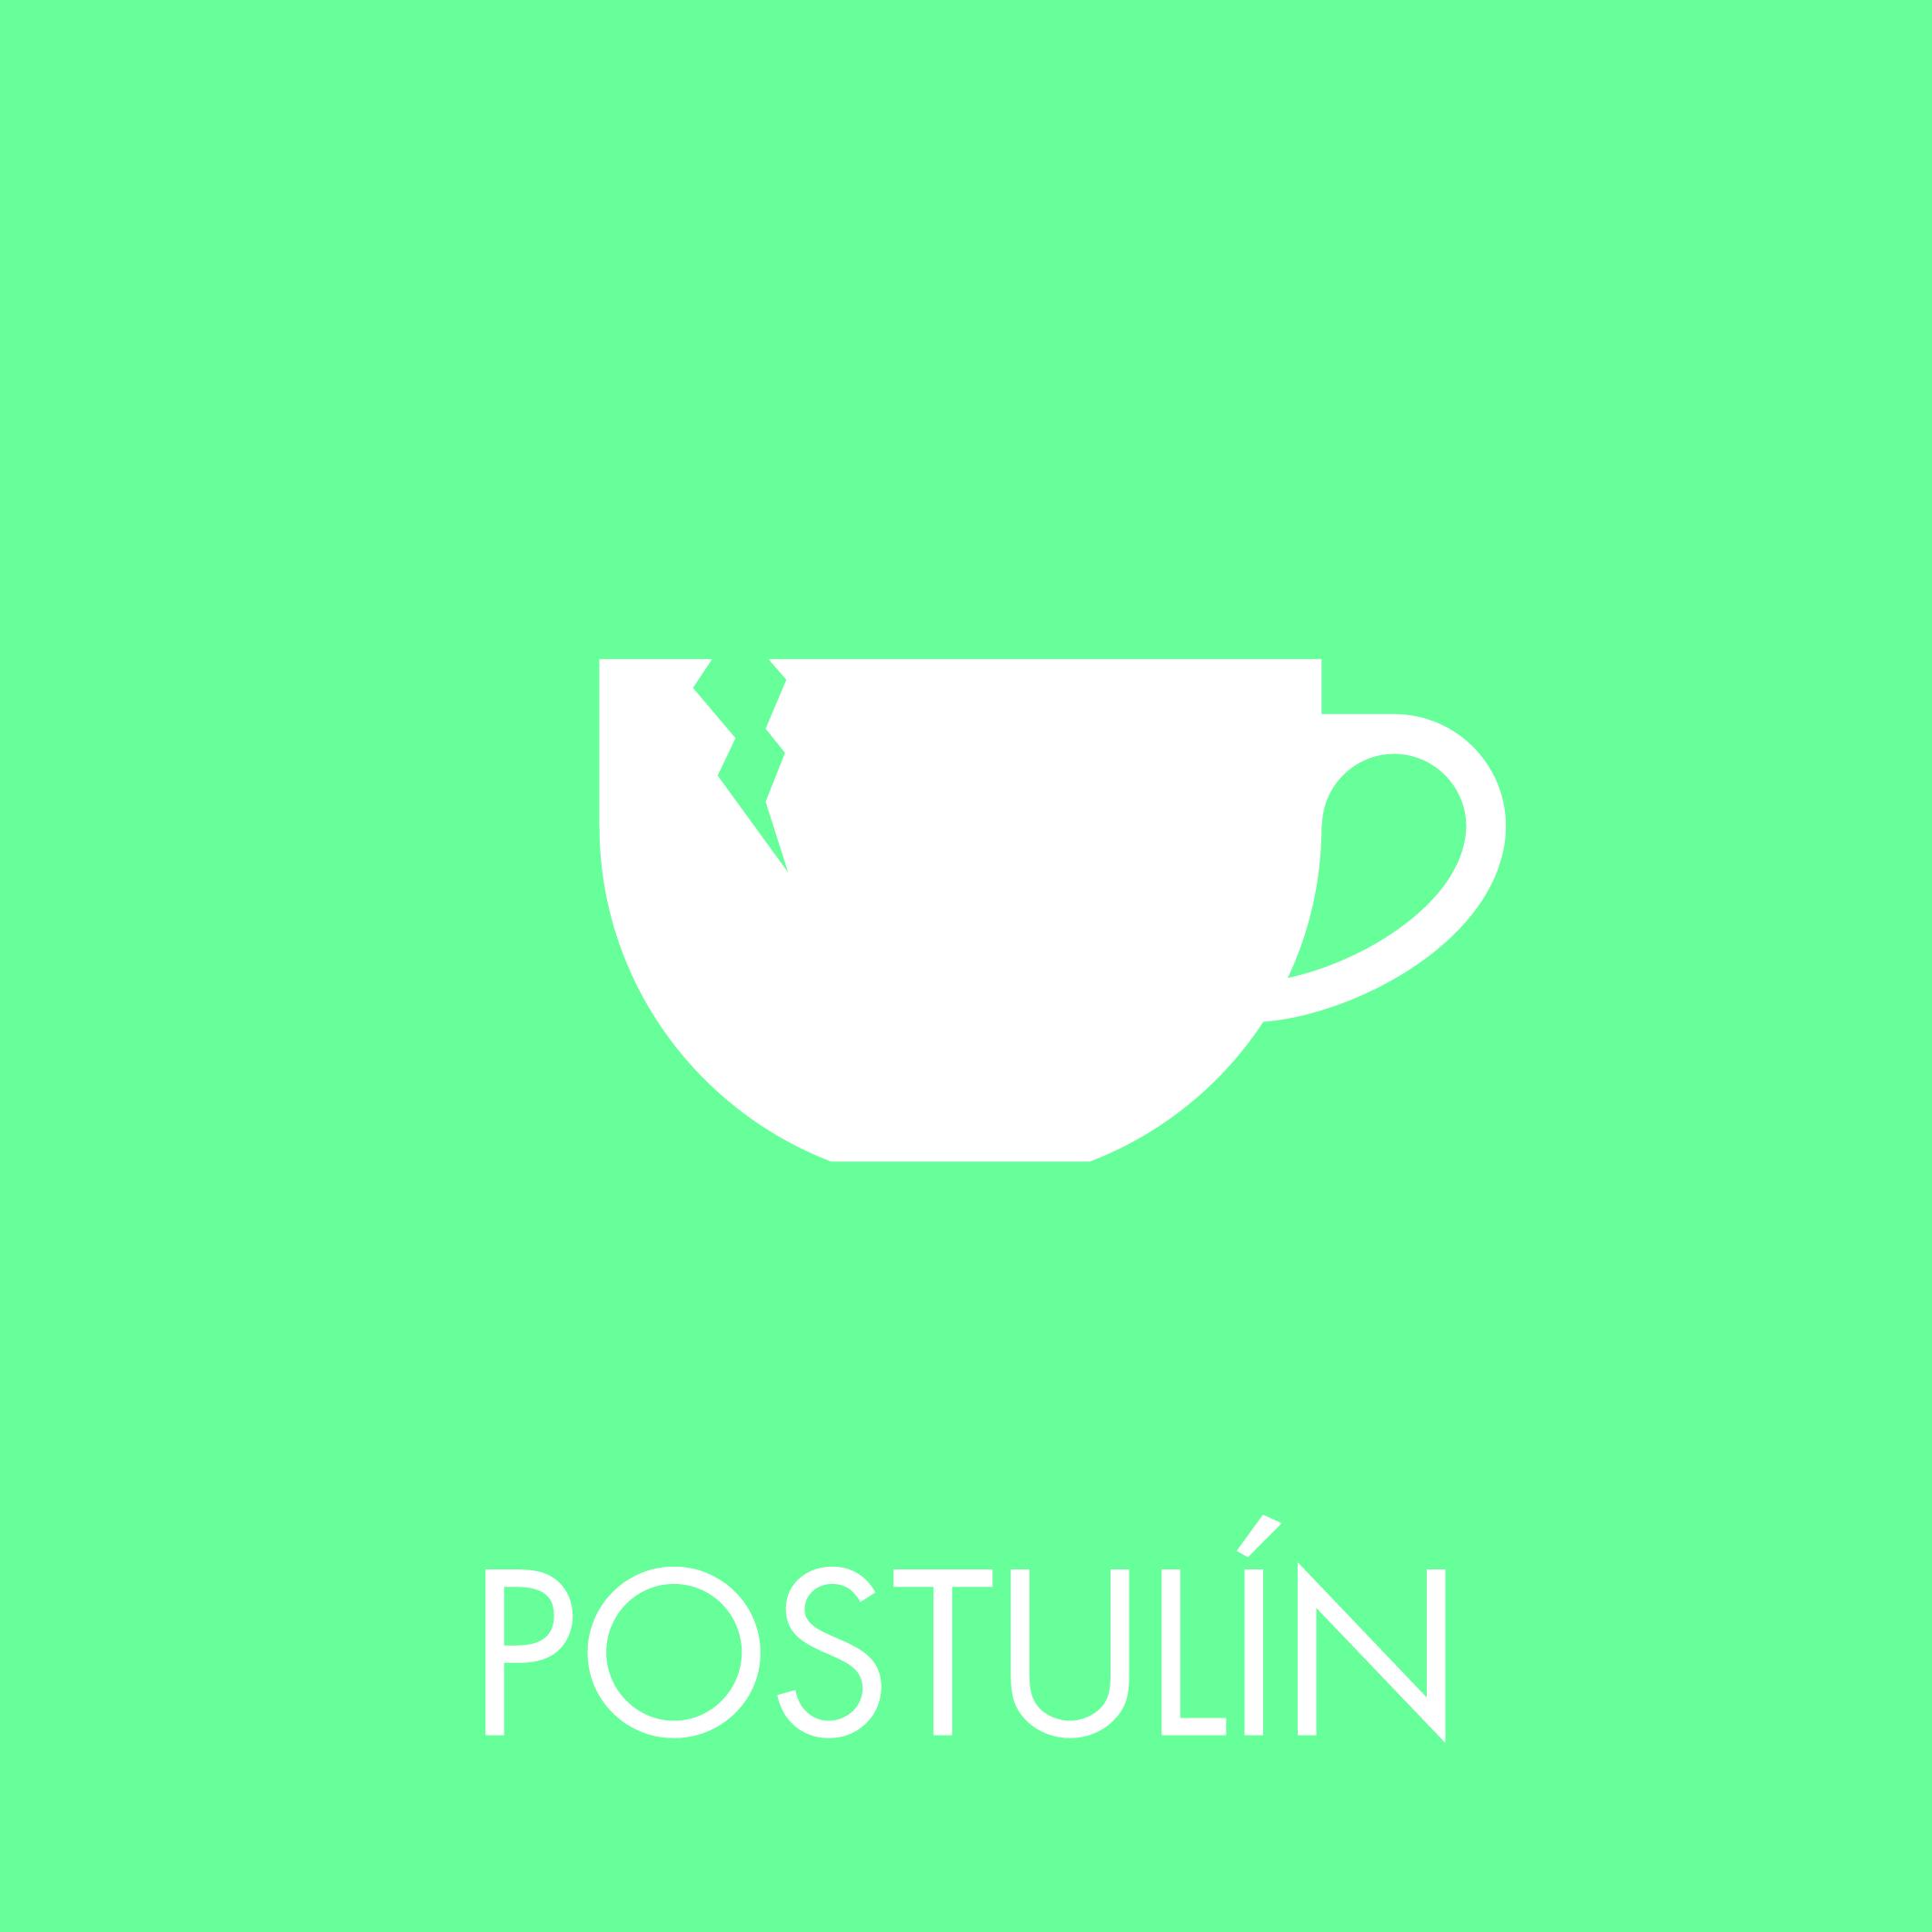 Postulín